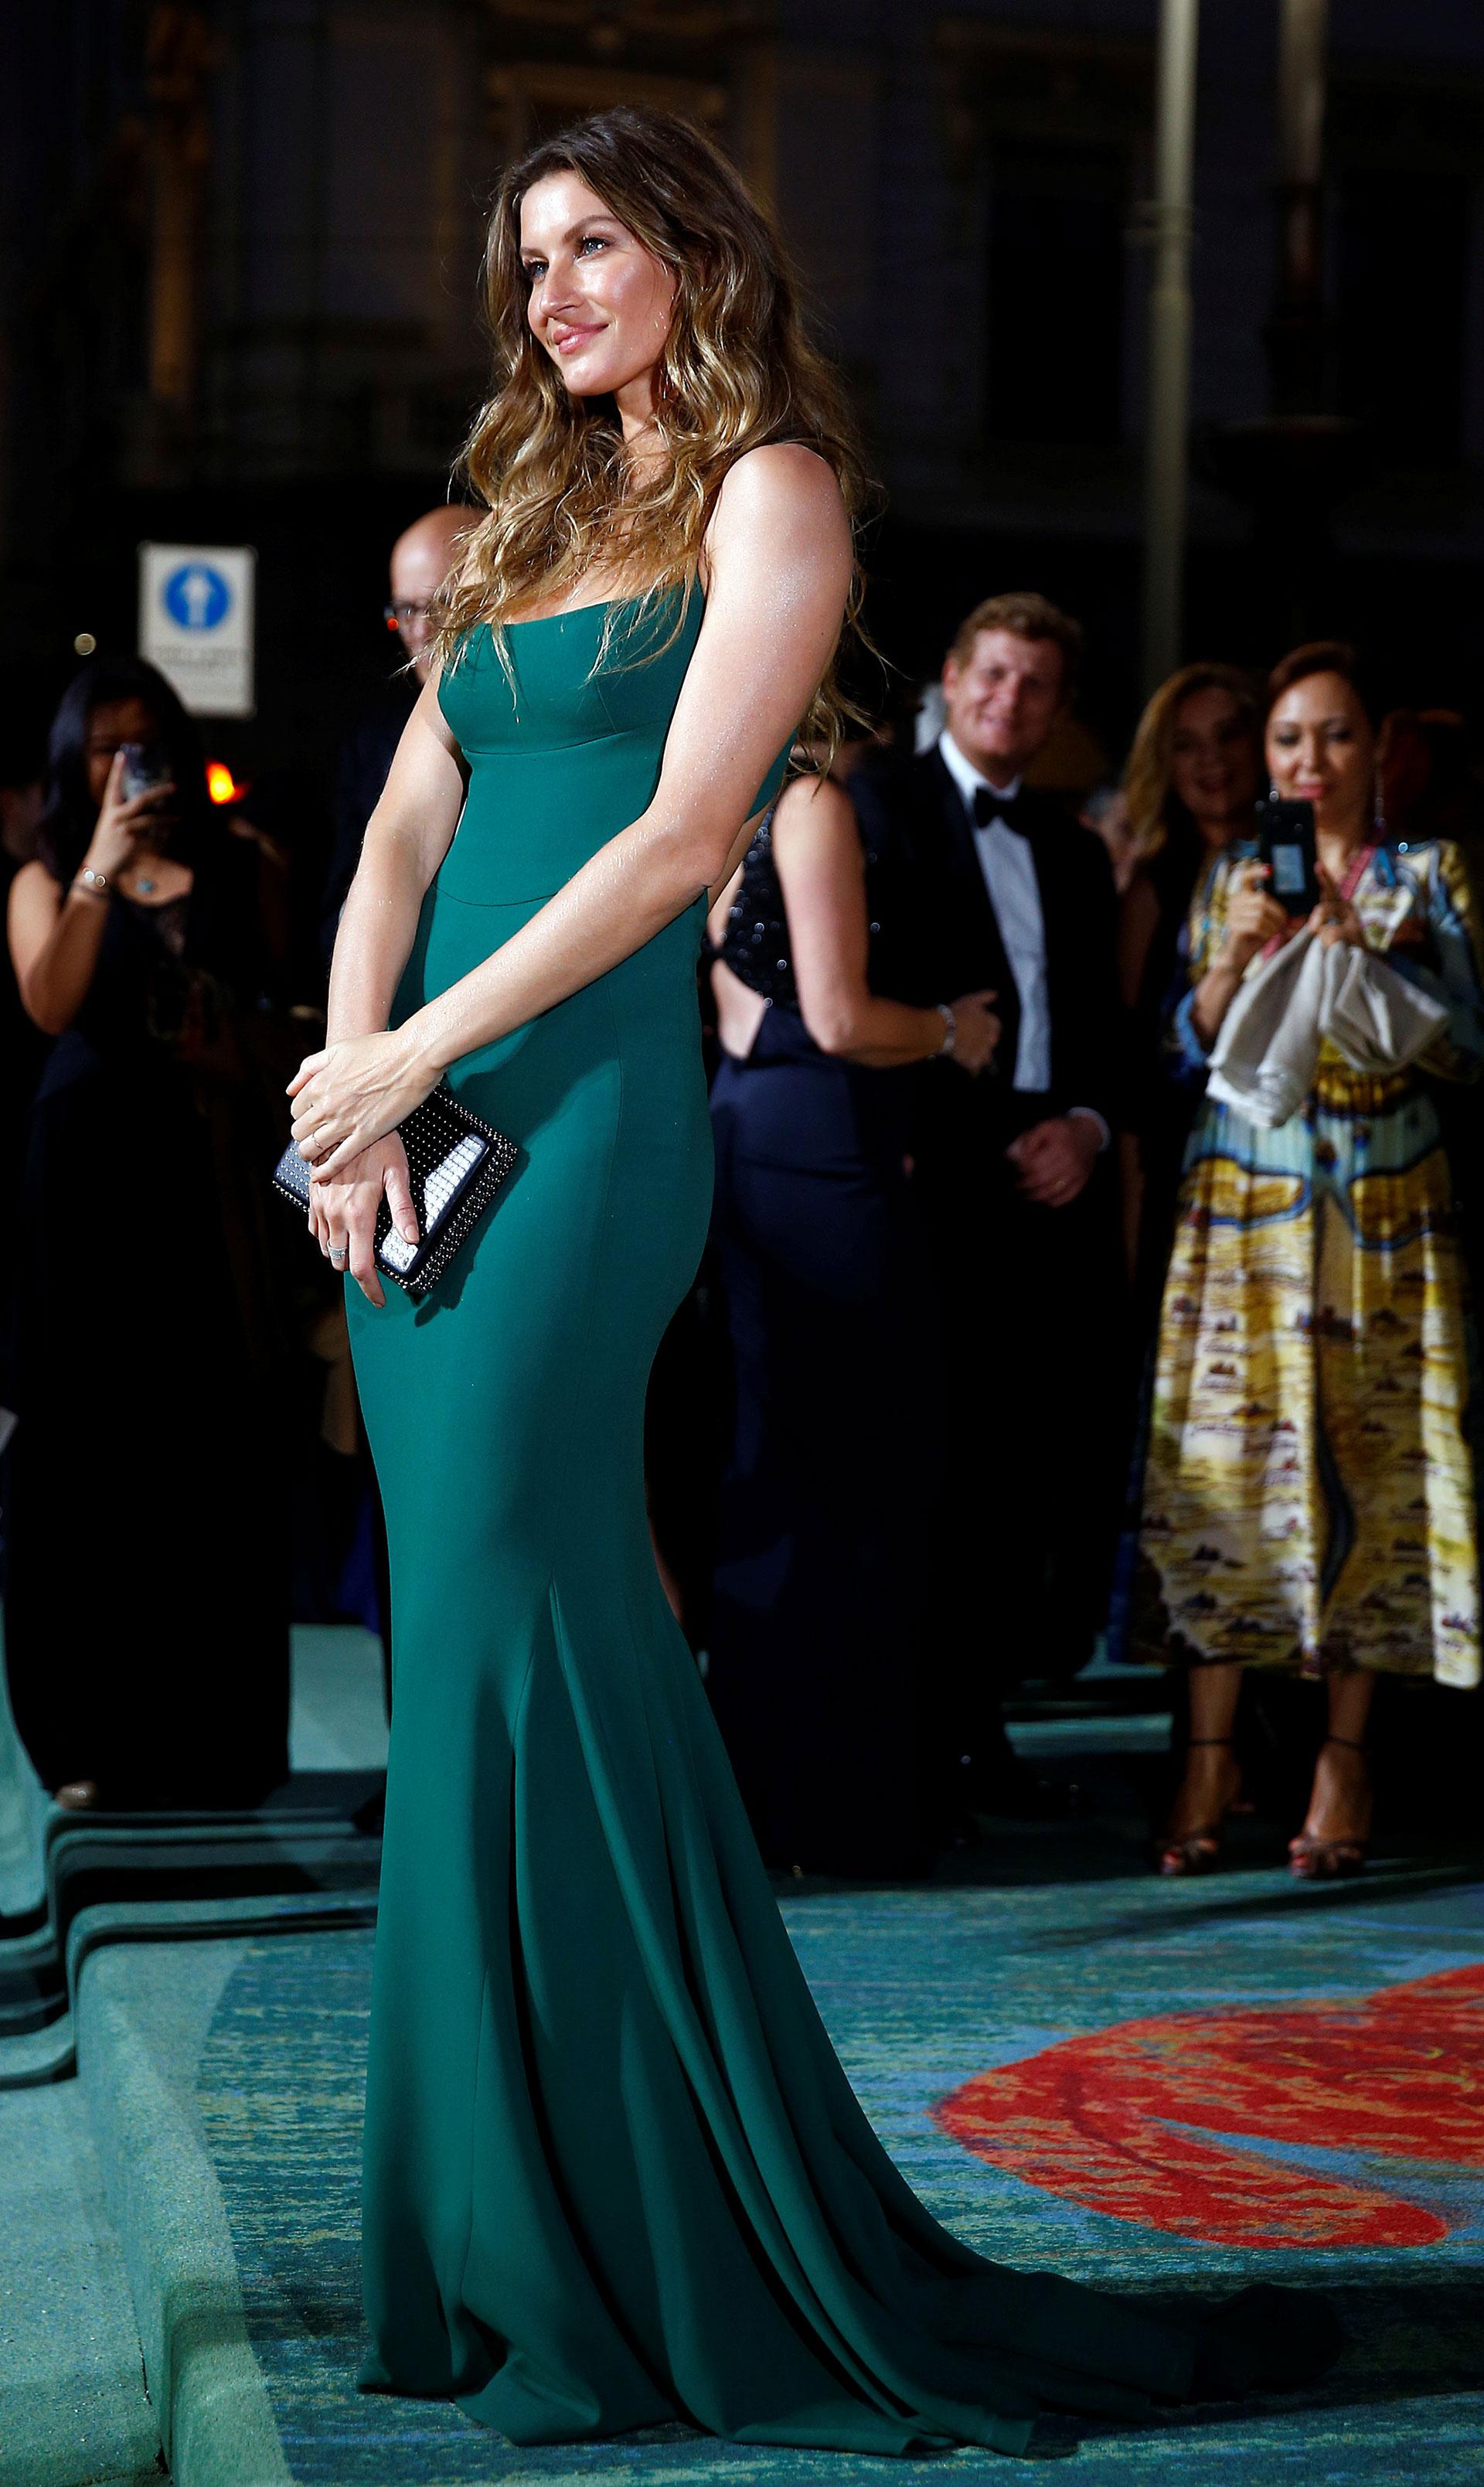 Para cerrar la semana de la moda en Milán se entregaron los premios Green Fashion que apoyan la moda sustentable con diseños realizados en tejidos reciclables. La top model Gisele Bundchen brilló con una pieza en tono esmeralda de la firma de Stella McCartney . Un diseño eco-friendly (Reuters)